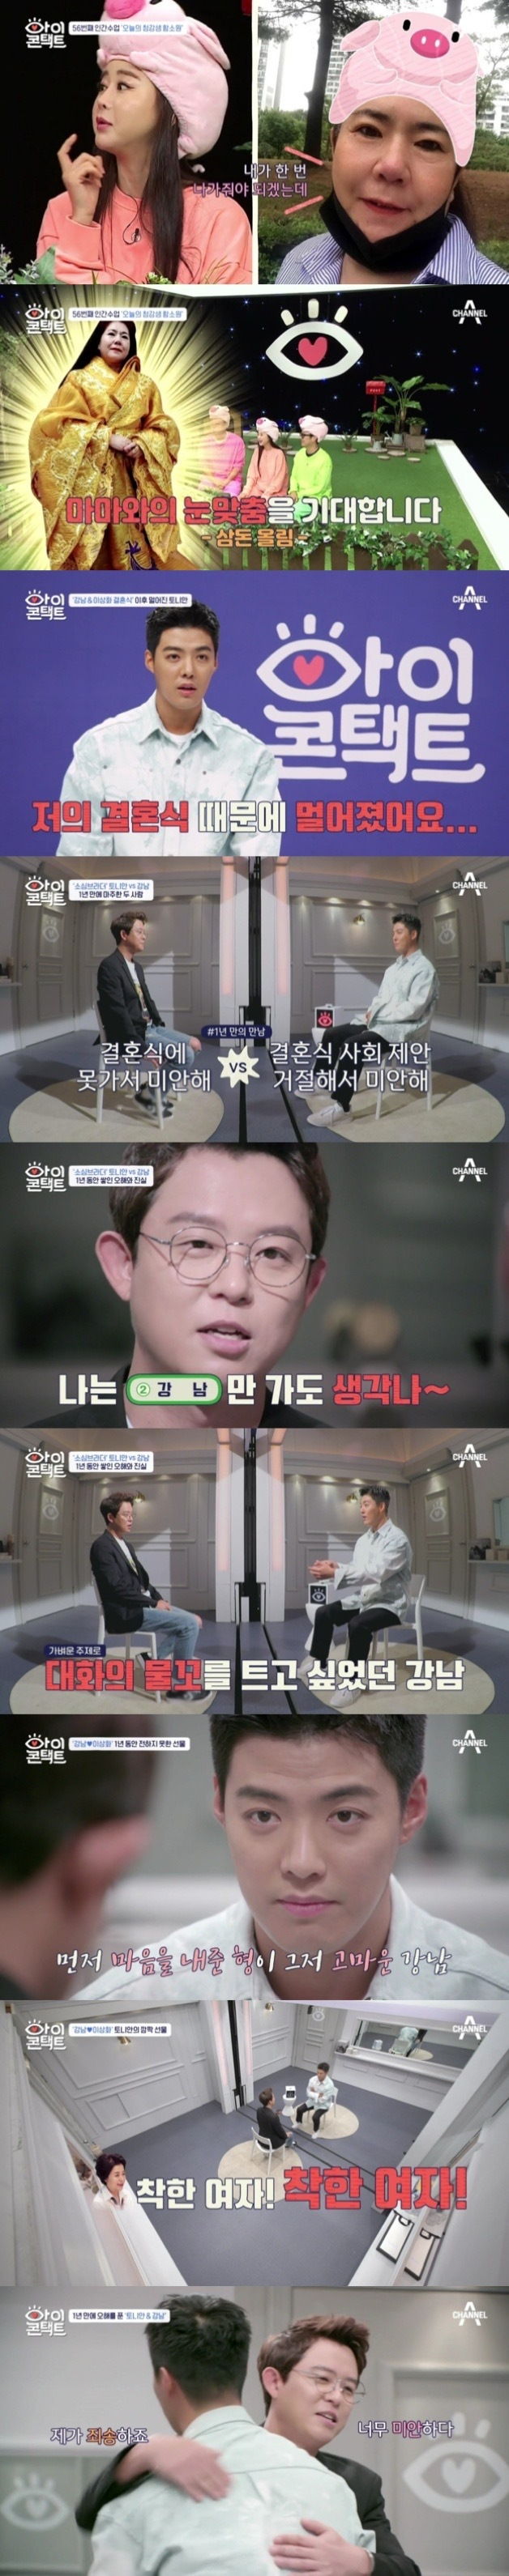 ▲ '아이콘택트' 방송화면 캡처